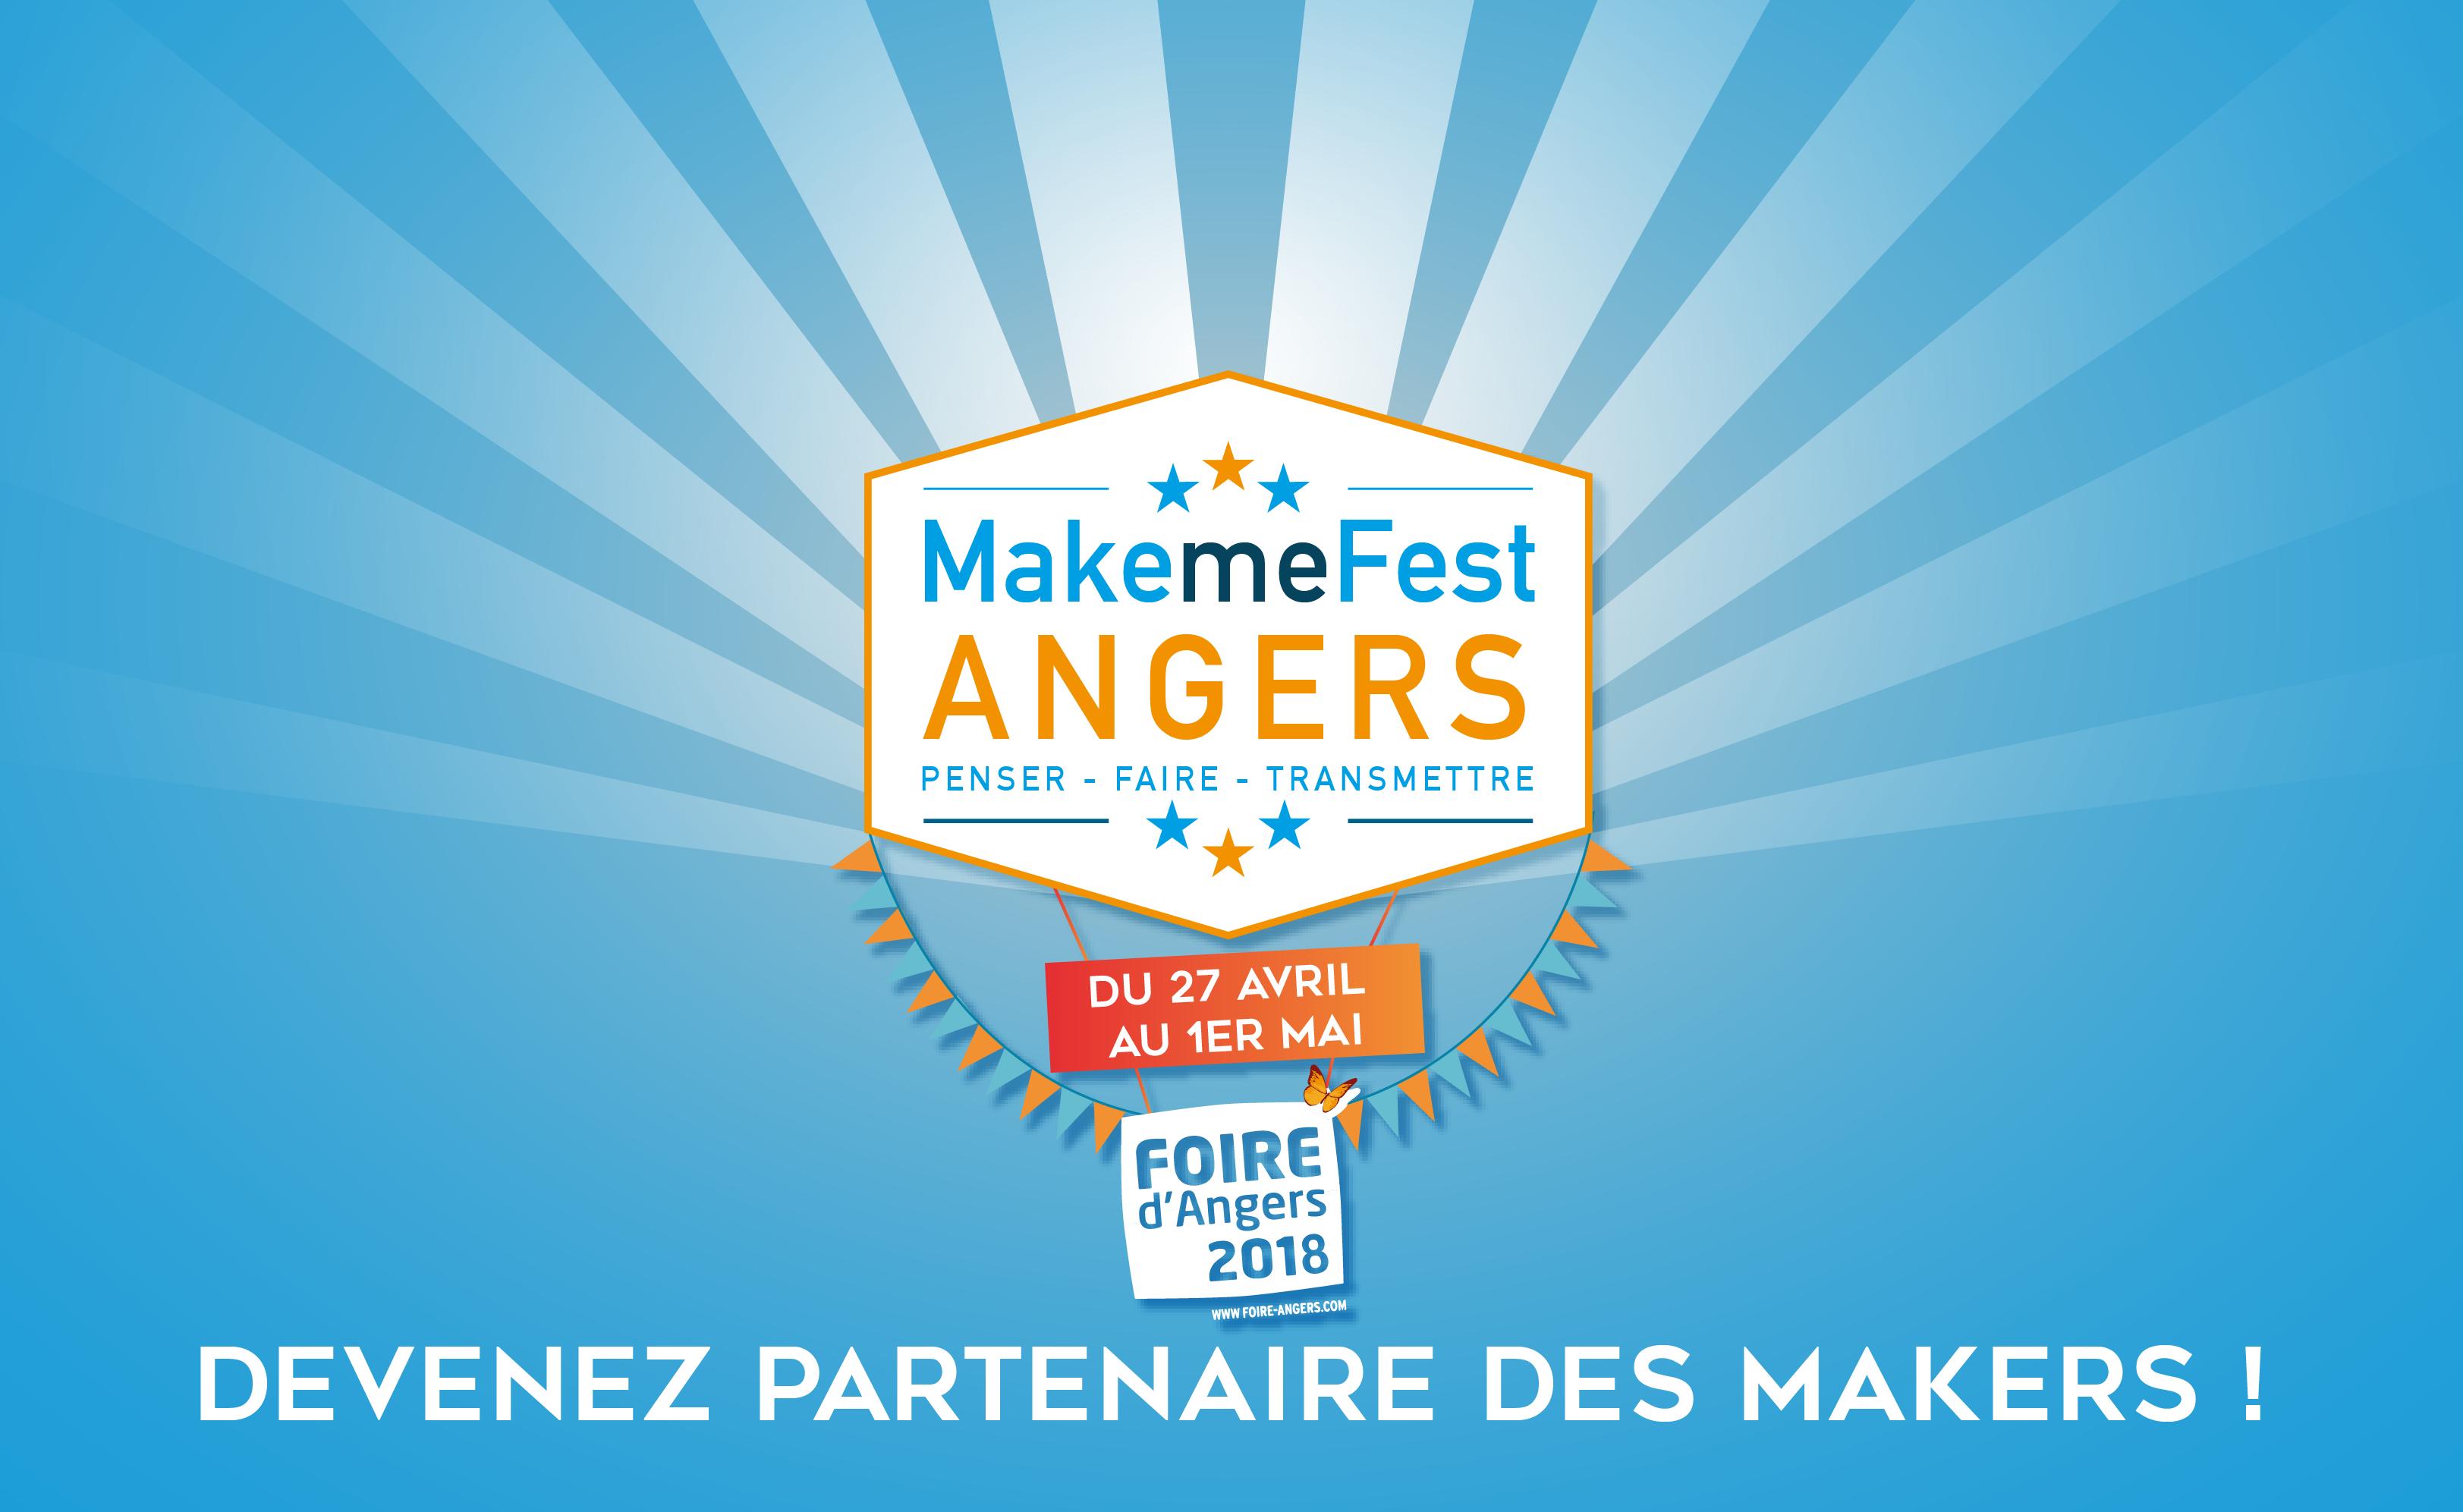 Devenez partenaire des Makers !